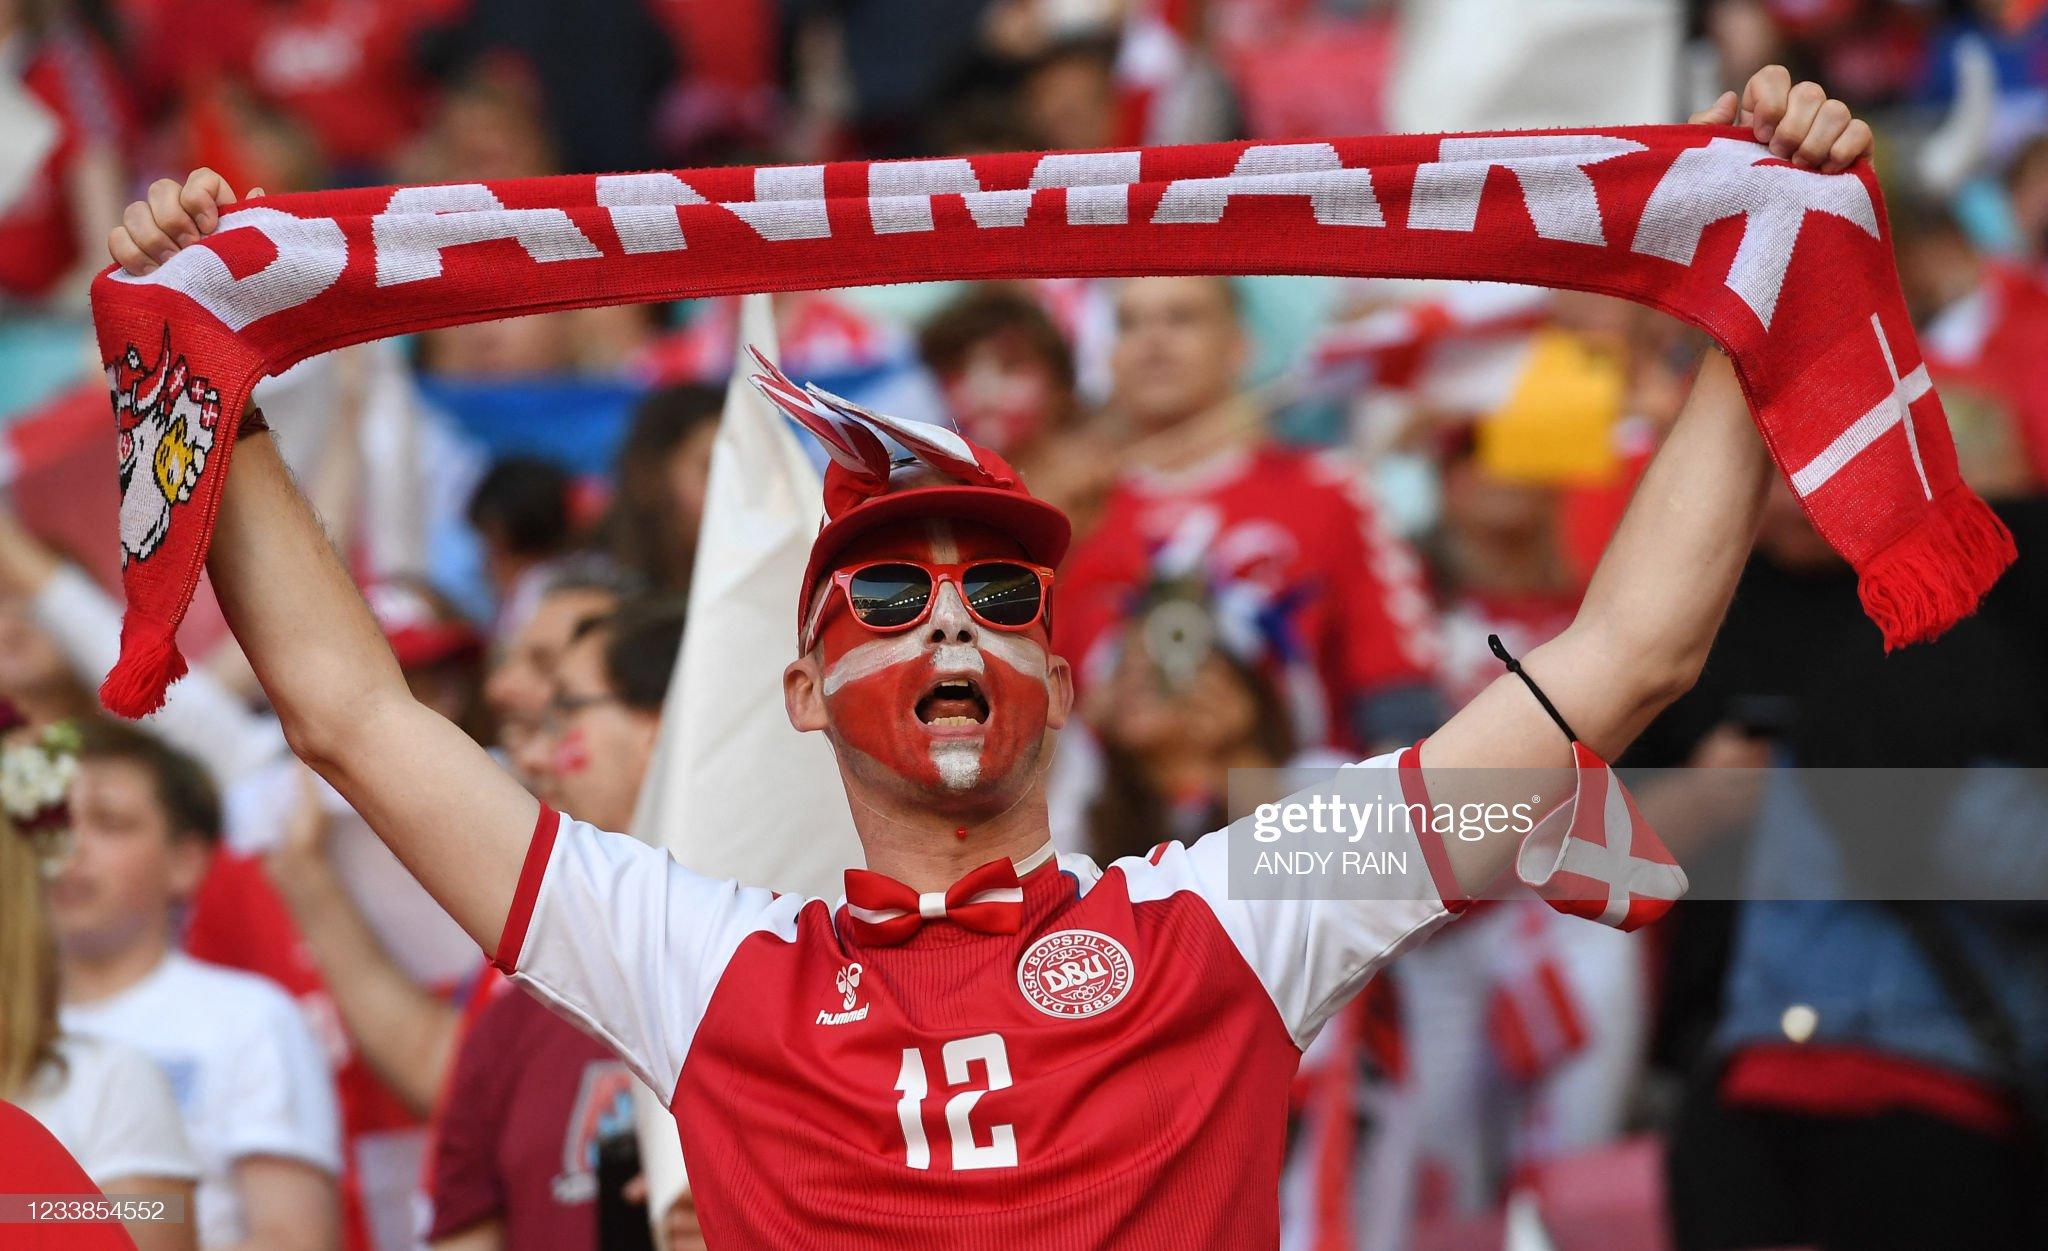 FBL-EURO-2020-2021-MATCH50-ENG-DEN-FANS : News Photo